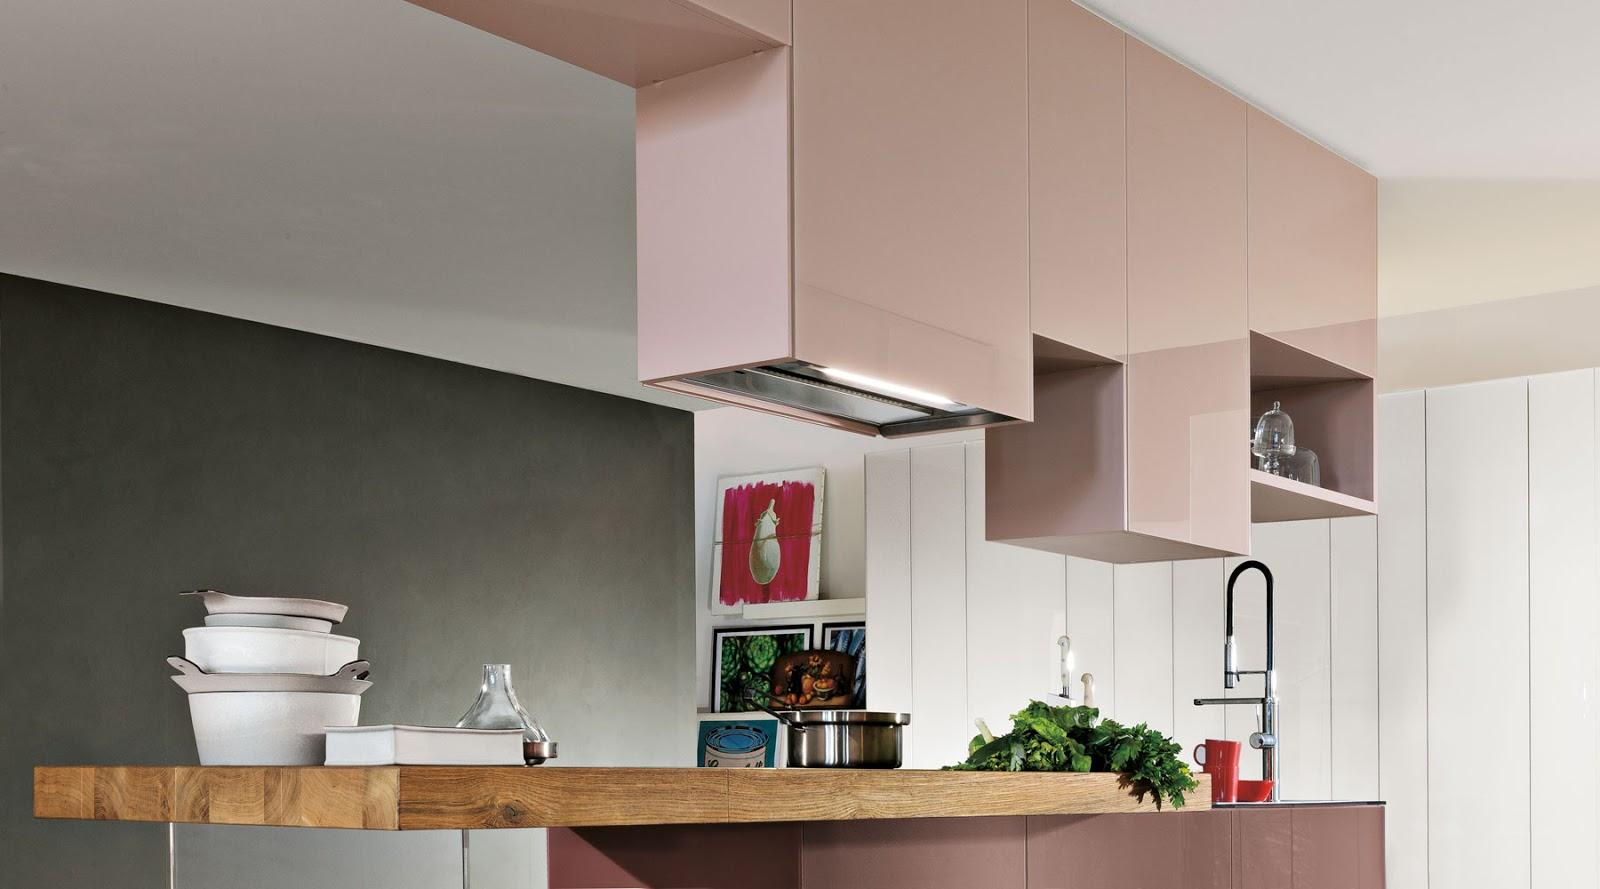 Dise o muebles de cocina dise o de cocina lago for Muebles altos de cocina